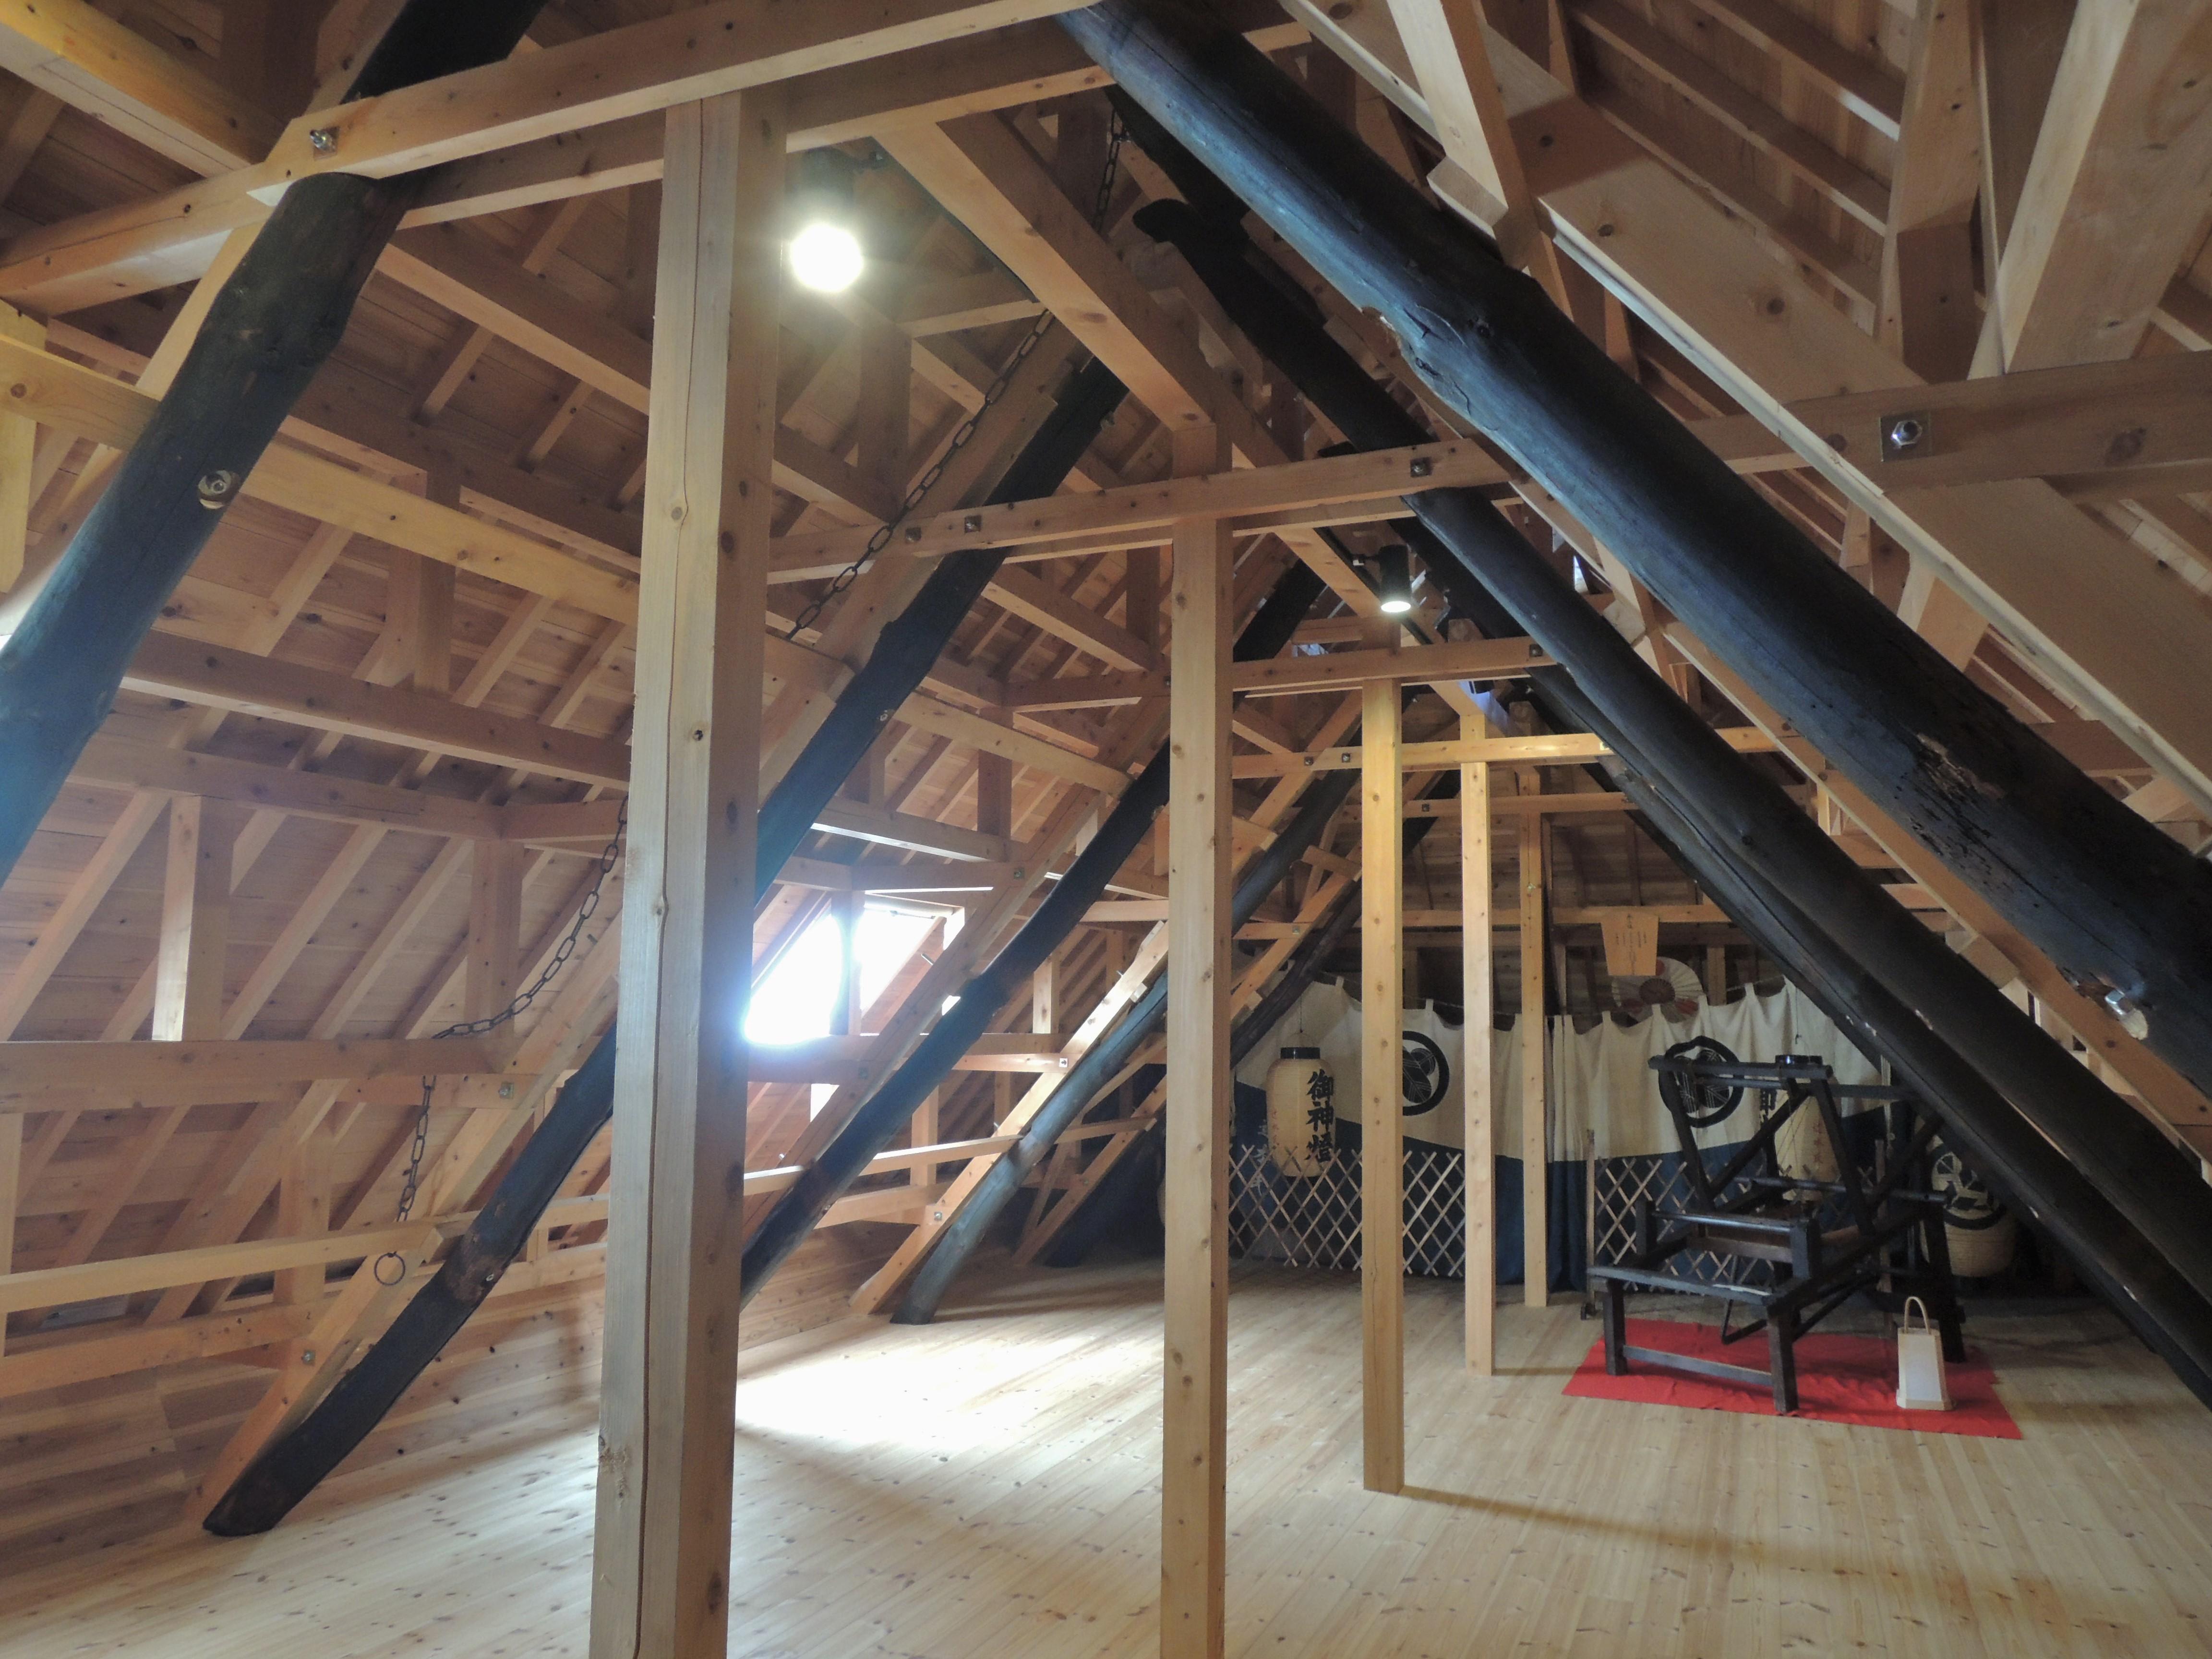 <p>屋根裏の構造</p>小屋組みを再構築し、棟木とサスを残す。垂木の位置は、元の茅葺きの厚み分を控えている。中央あたりに見える鉄の鎖は、茅を葺く時の命綱であった。床下には、断熱材として敷かれていた土をそのまま残して床板を貼っている。